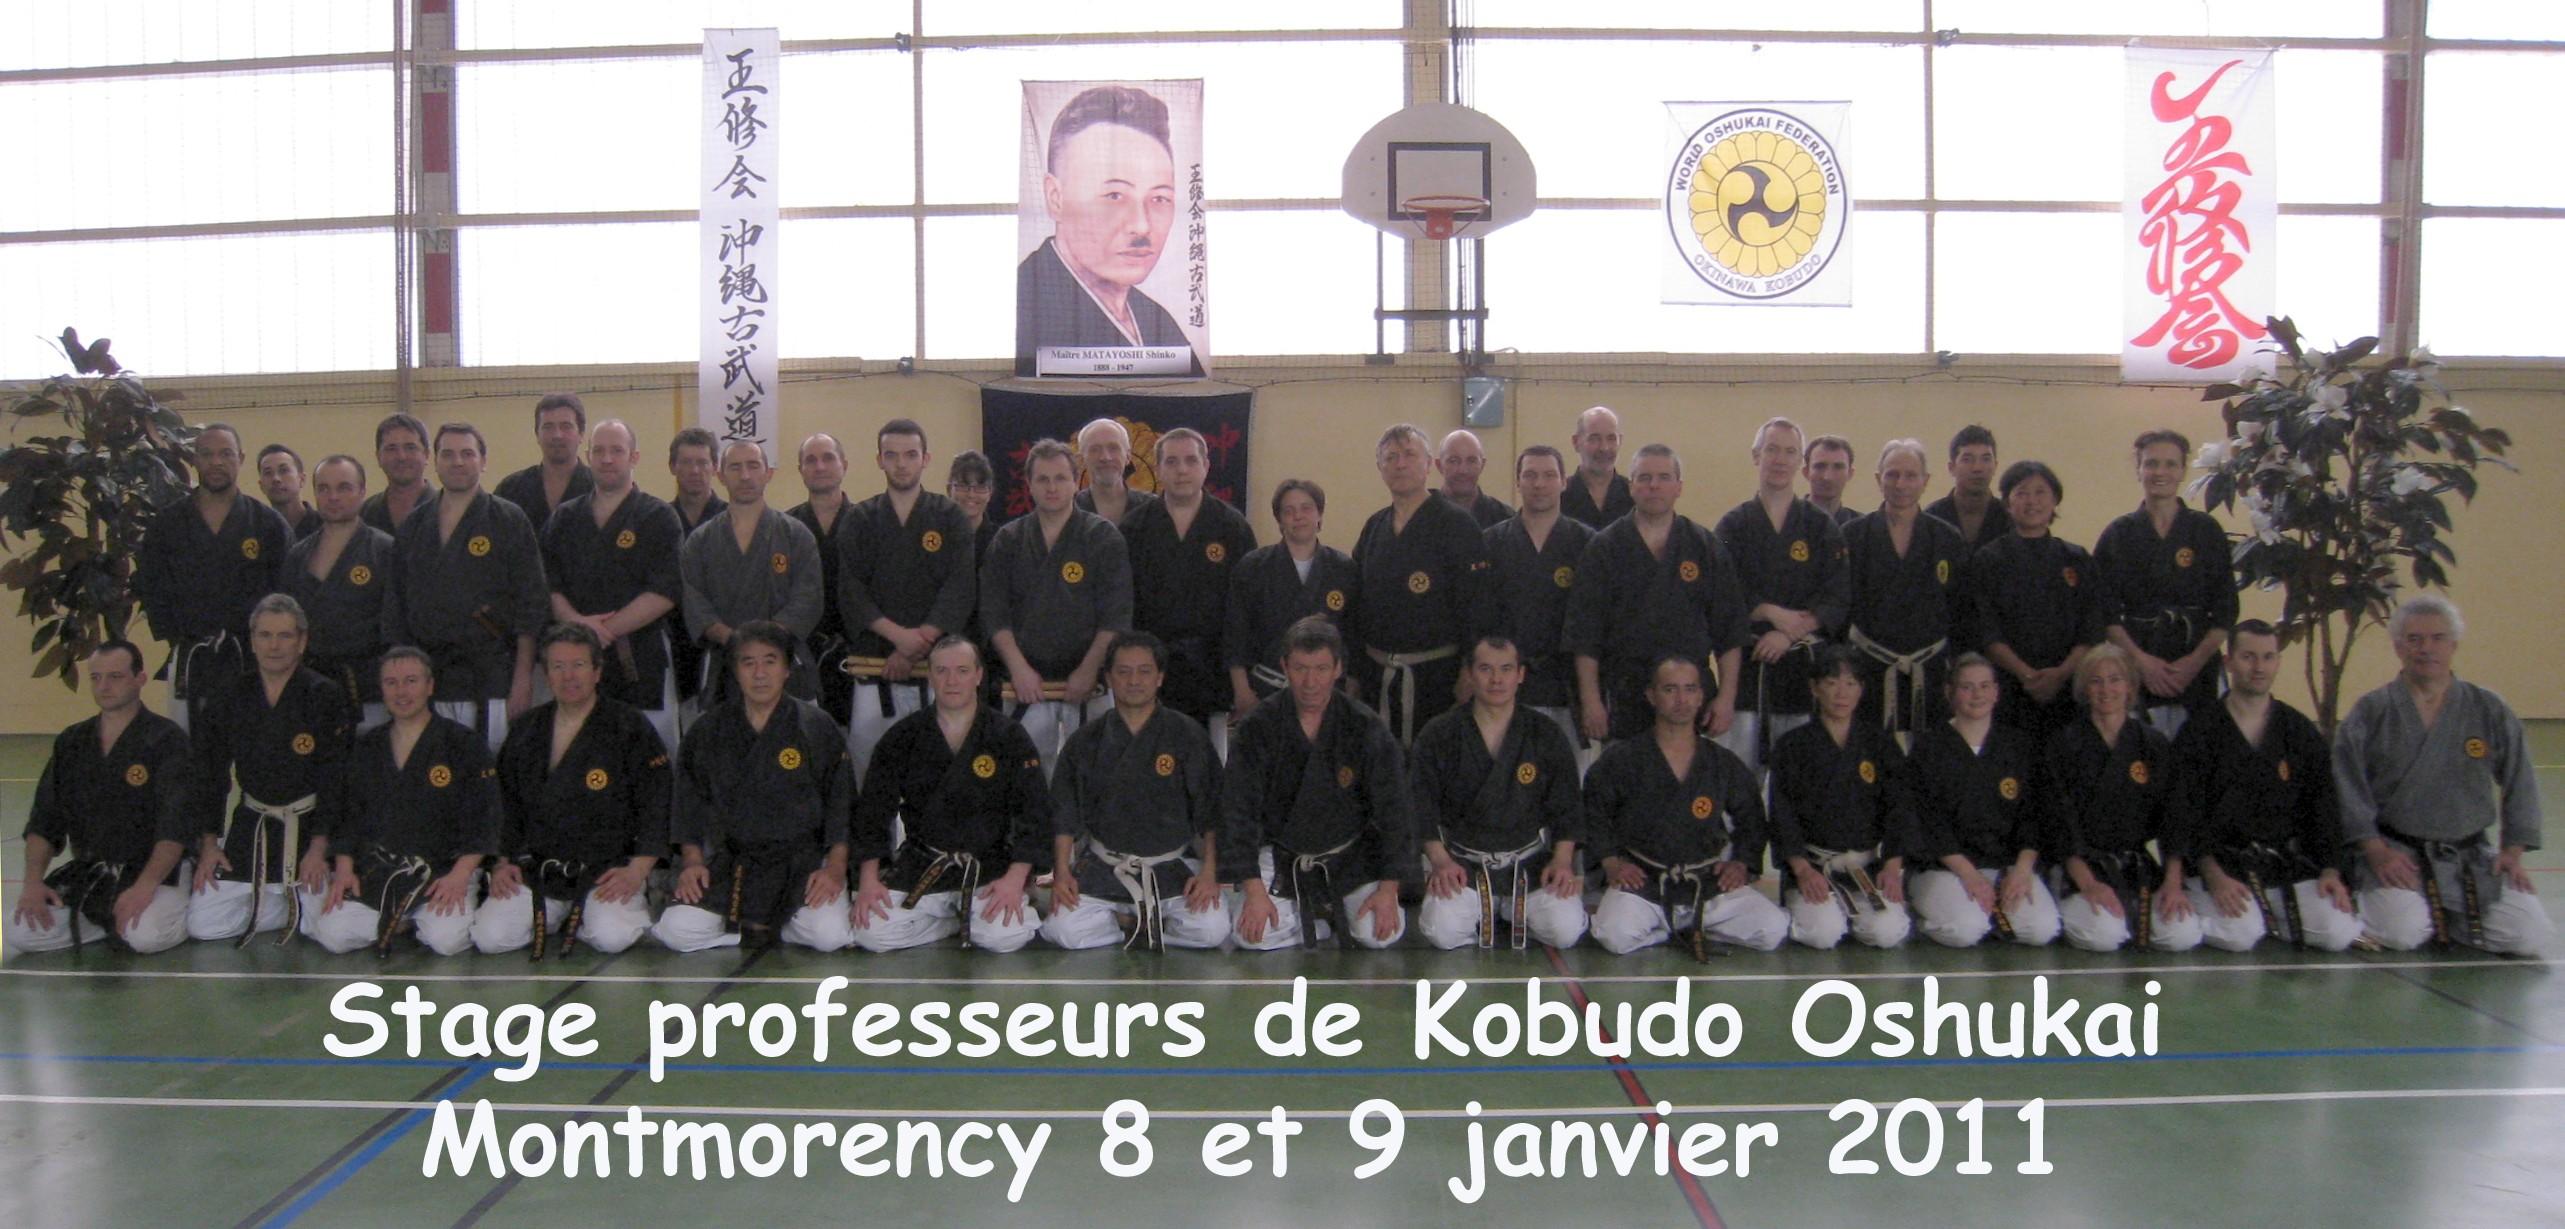 20110109stagekobudoprofmontmorency.jpg